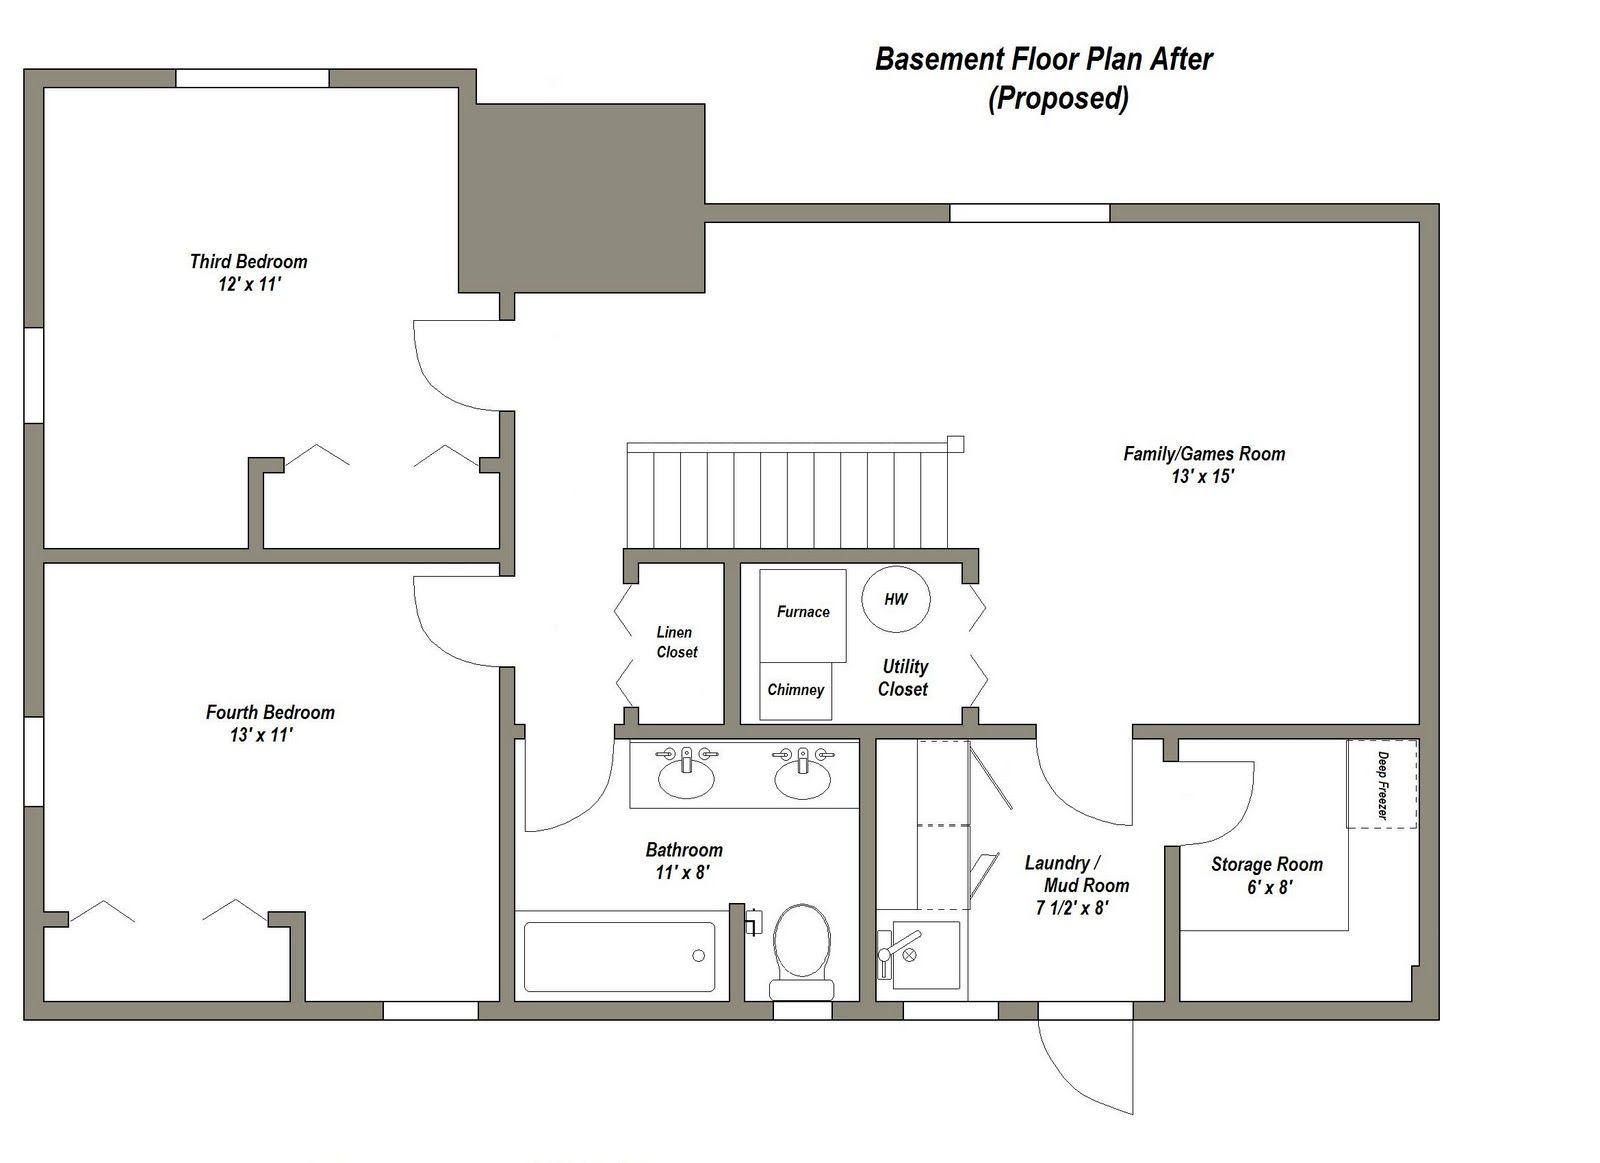 Pin by Krystle Rupert on basement | Pinterest | Basement ...